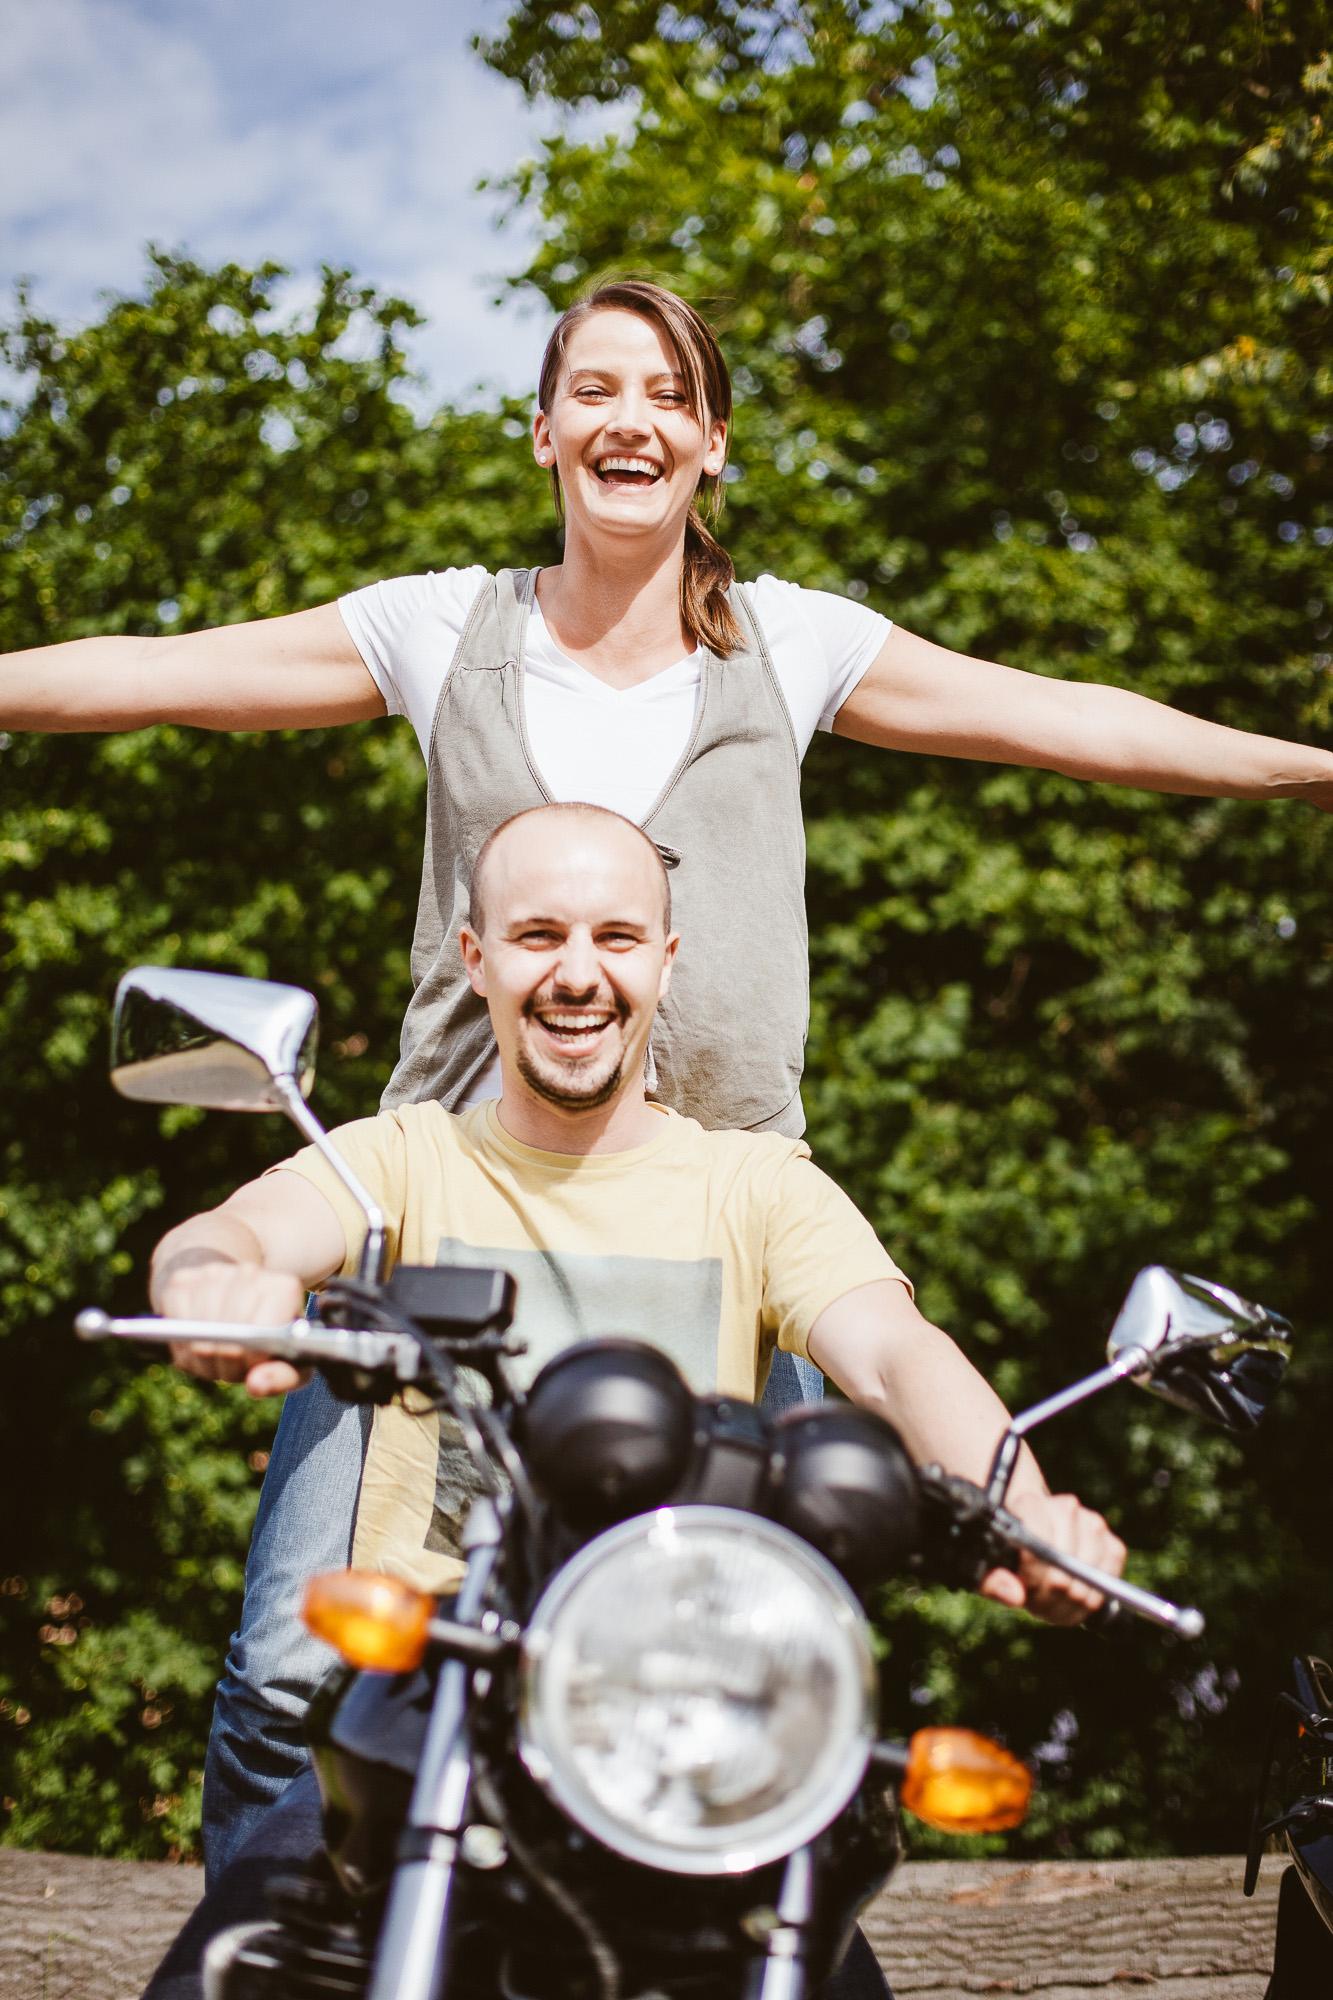 Tina-und-Paul-Engagement-Foto-Avec-Amis-88